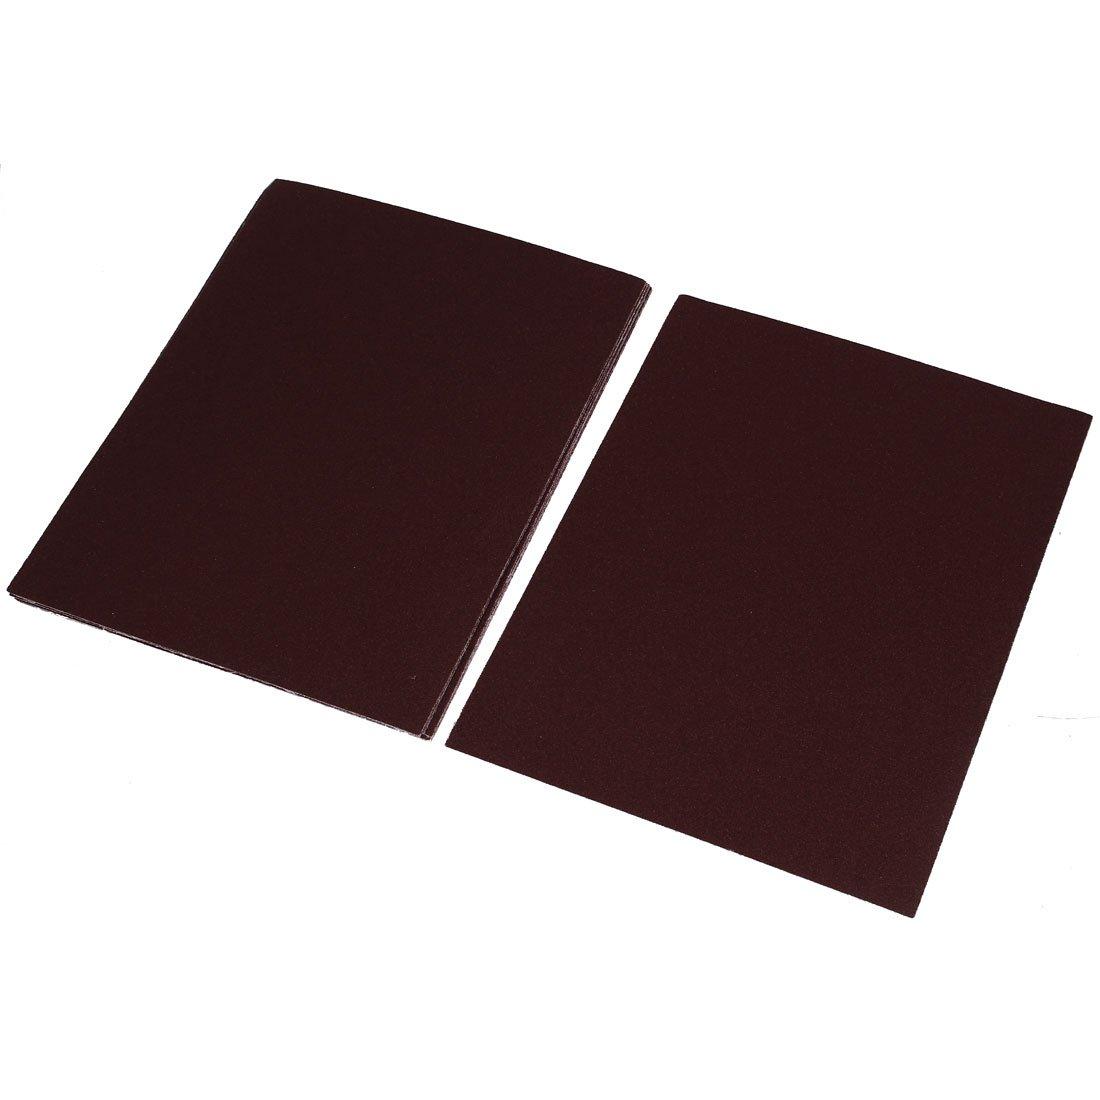 Aexit Brown Aluminium Abrasive Wheels & Discs Oxide Sanding Sheet Square Sand Paper 80 Flap Wheels Grit 10pcs